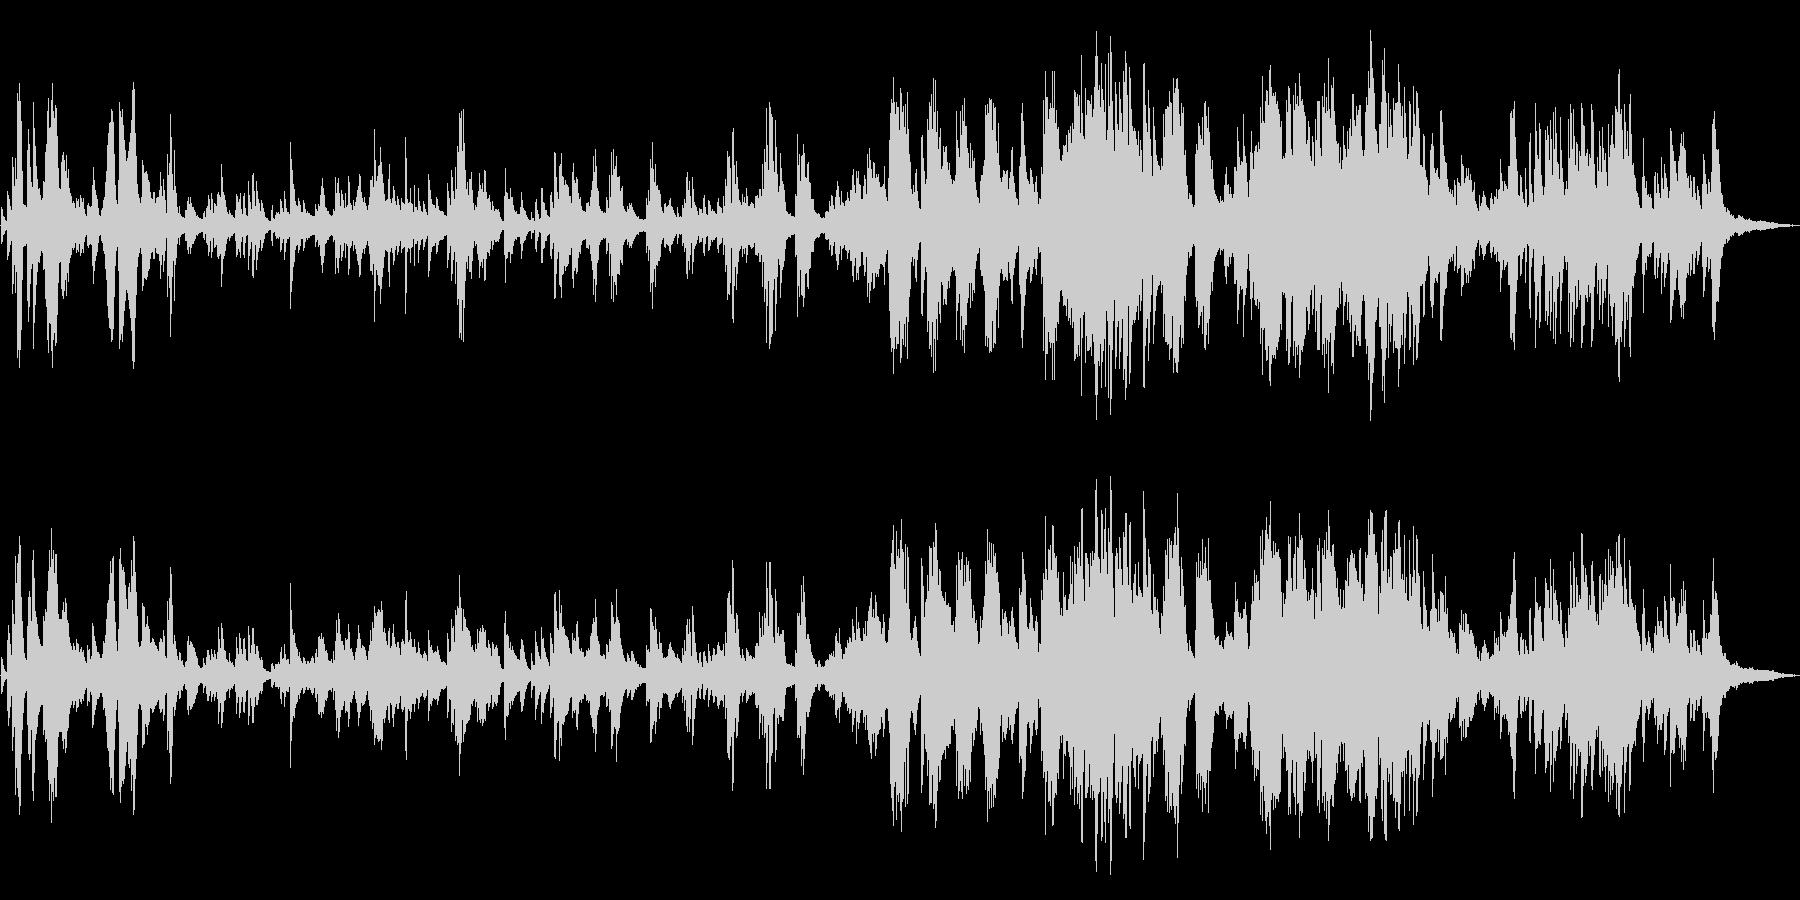 しっとりした和風 ピアノソロの未再生の波形